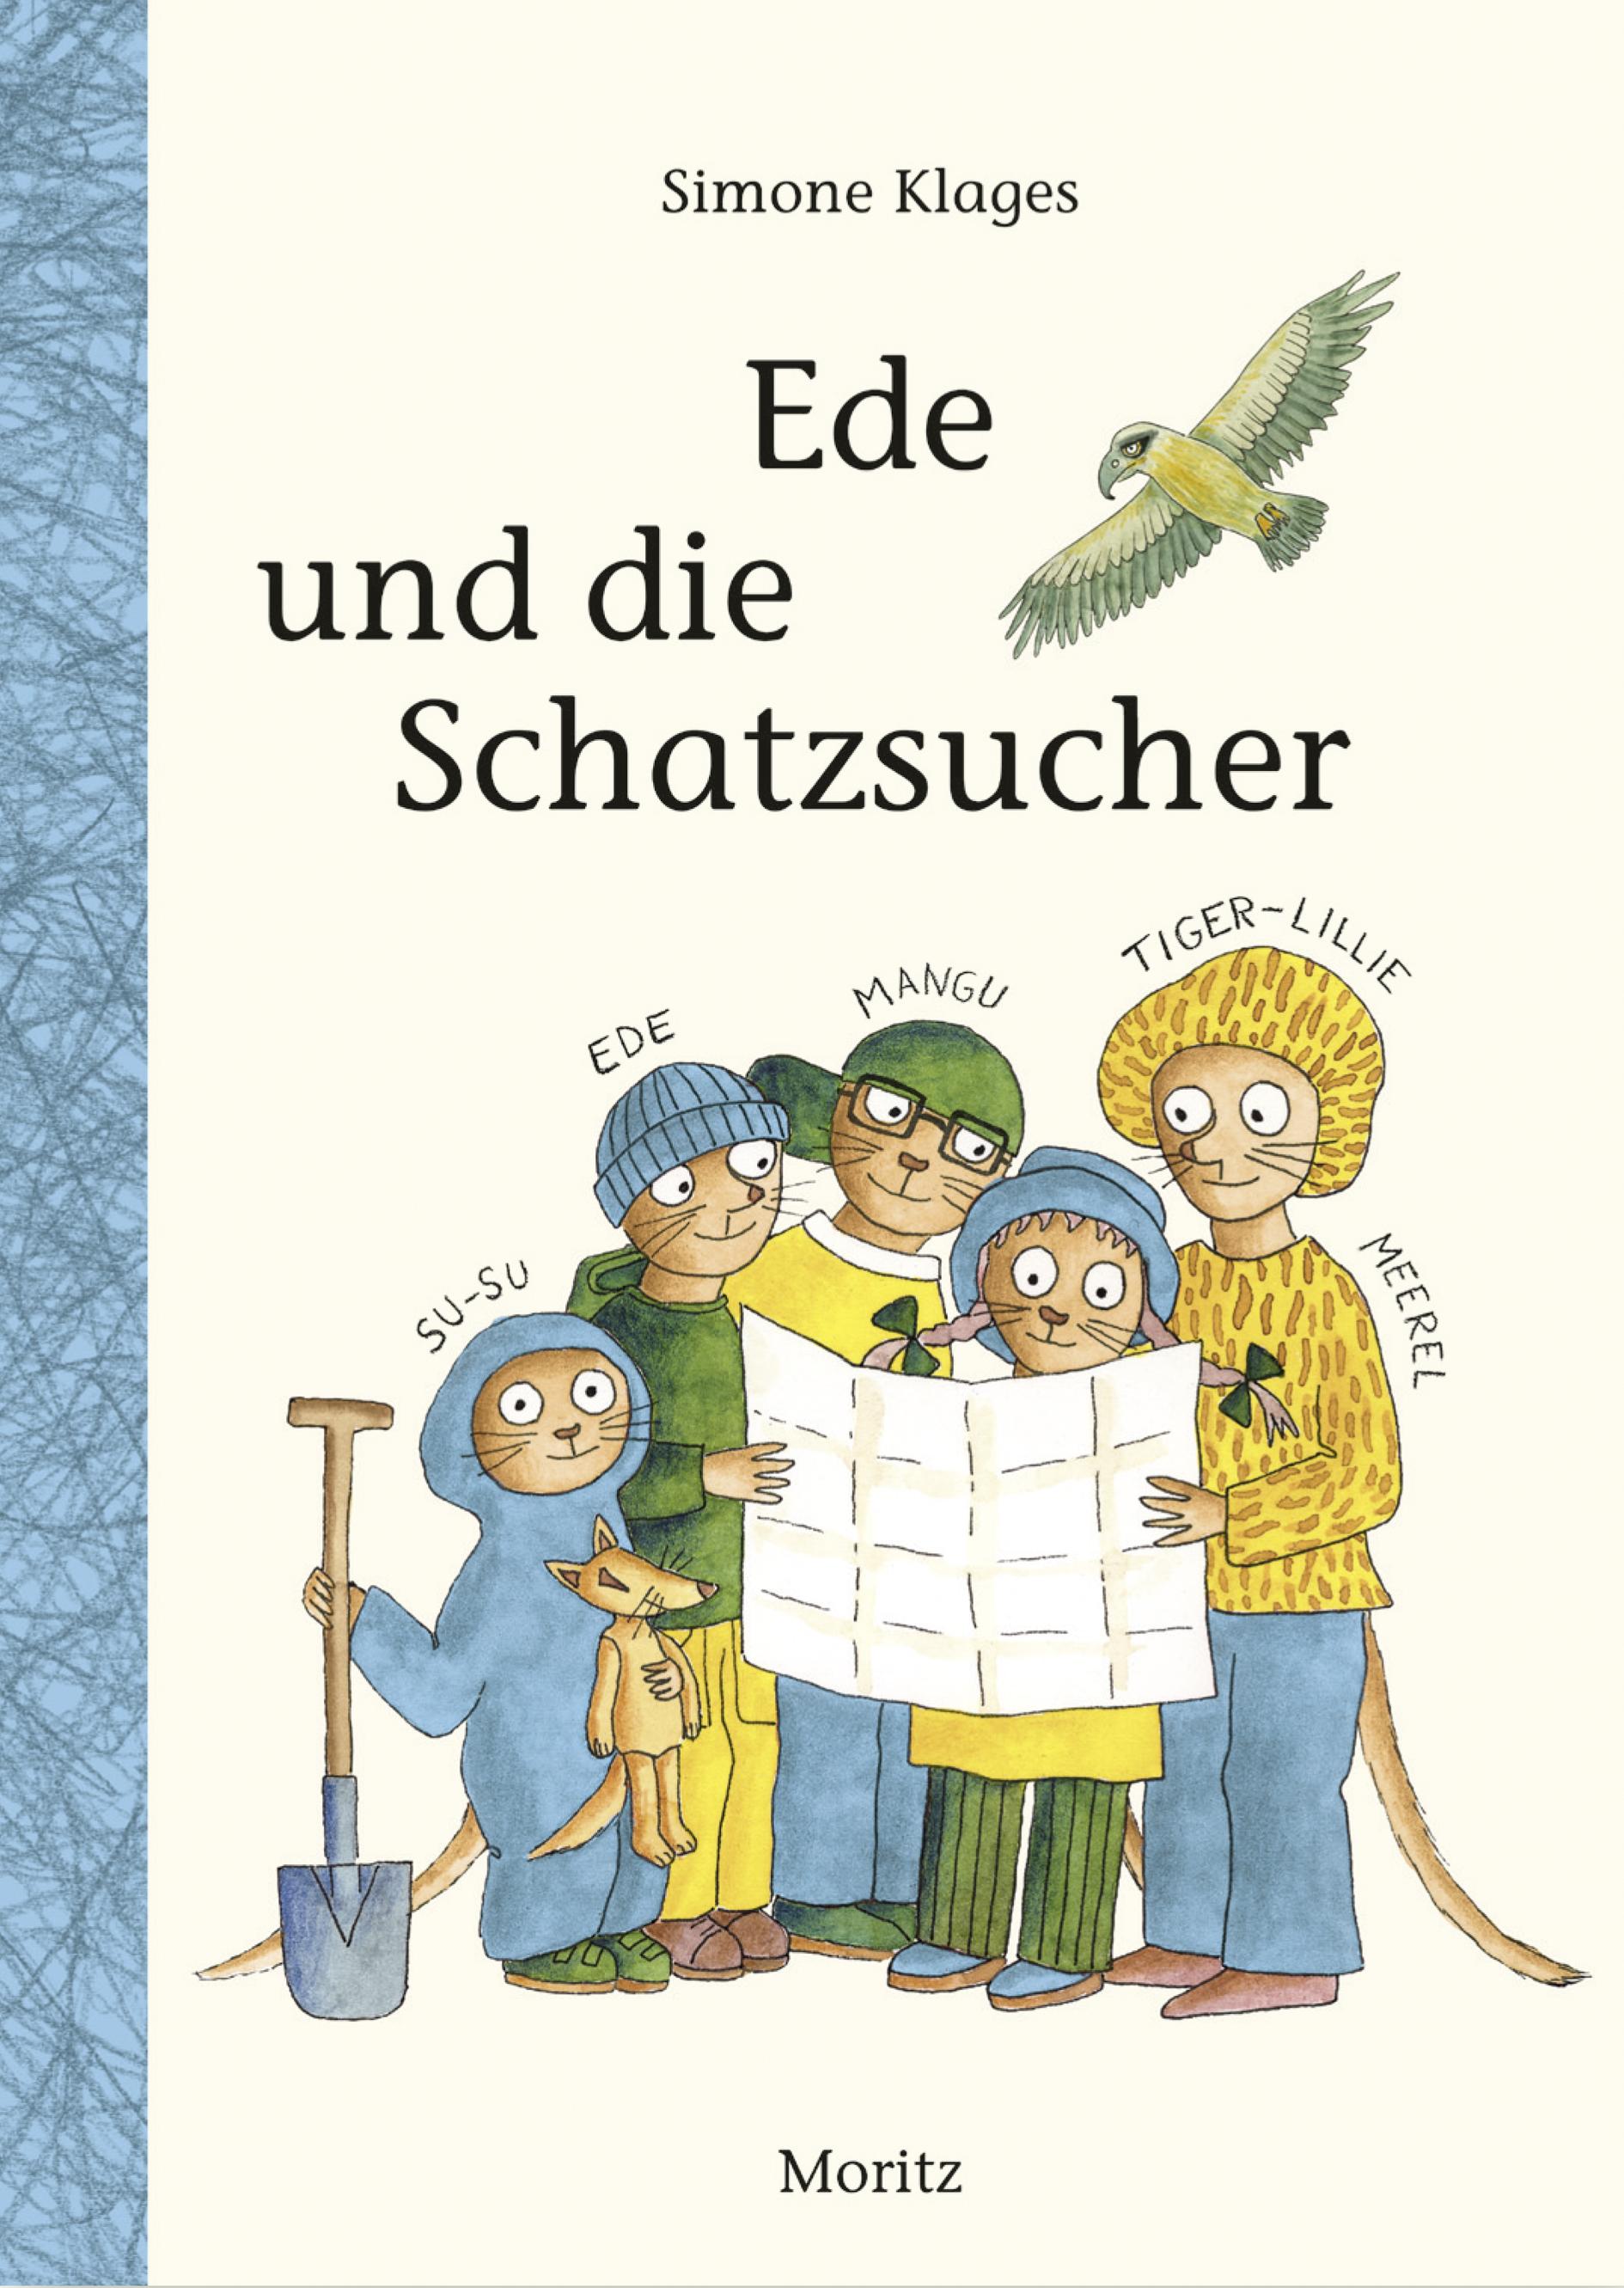 NEU Ede und die Schatzsucher Simone Klages 652899